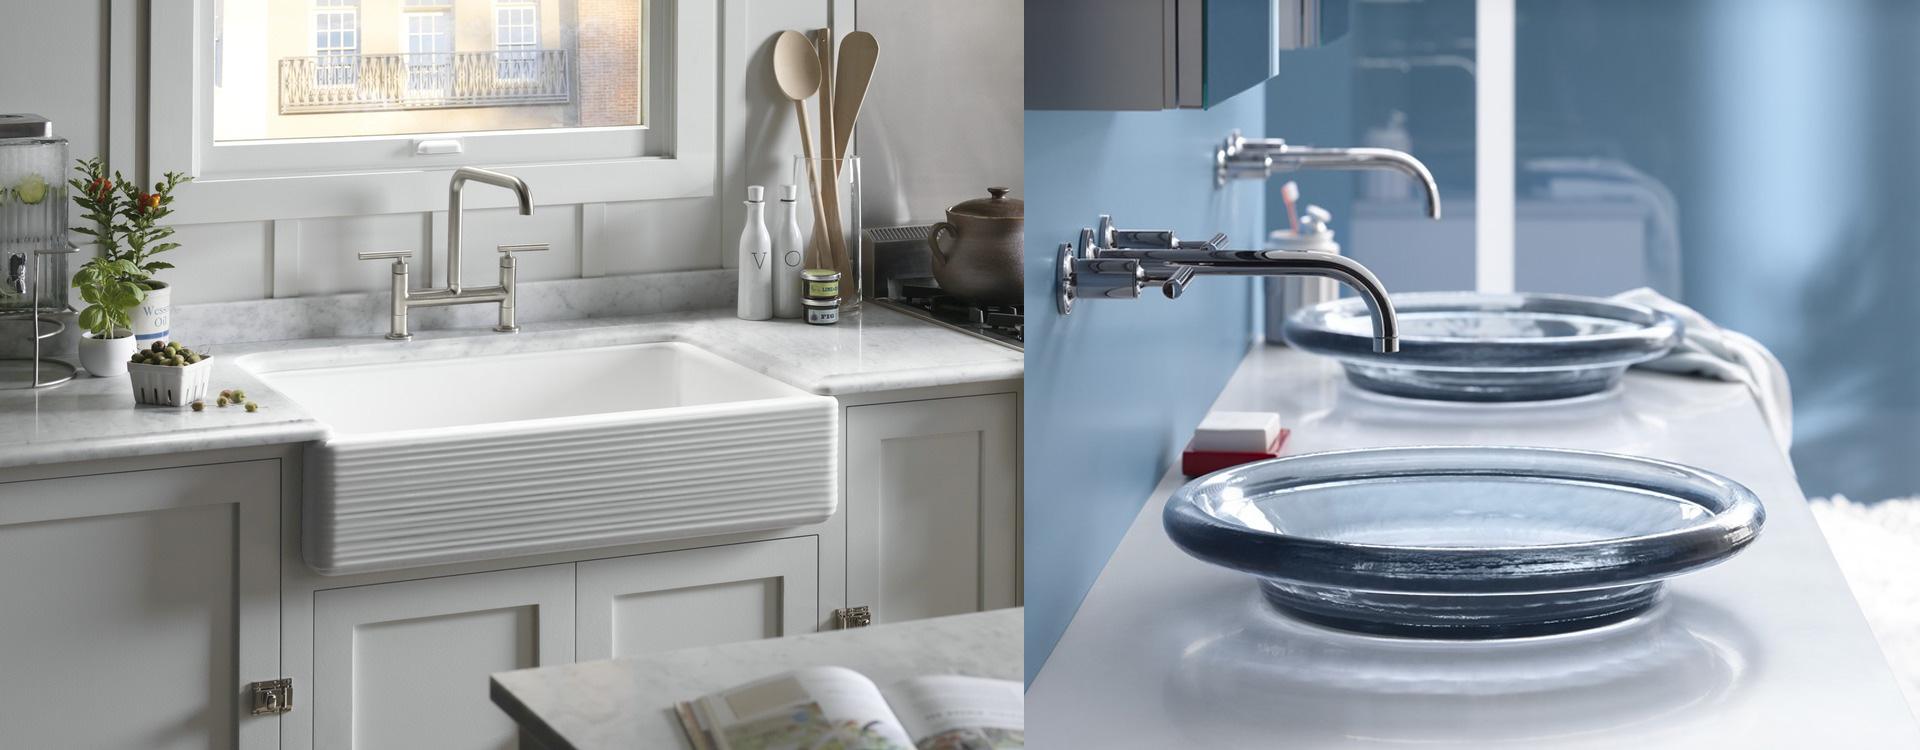 Kitchen Sinks Supplier